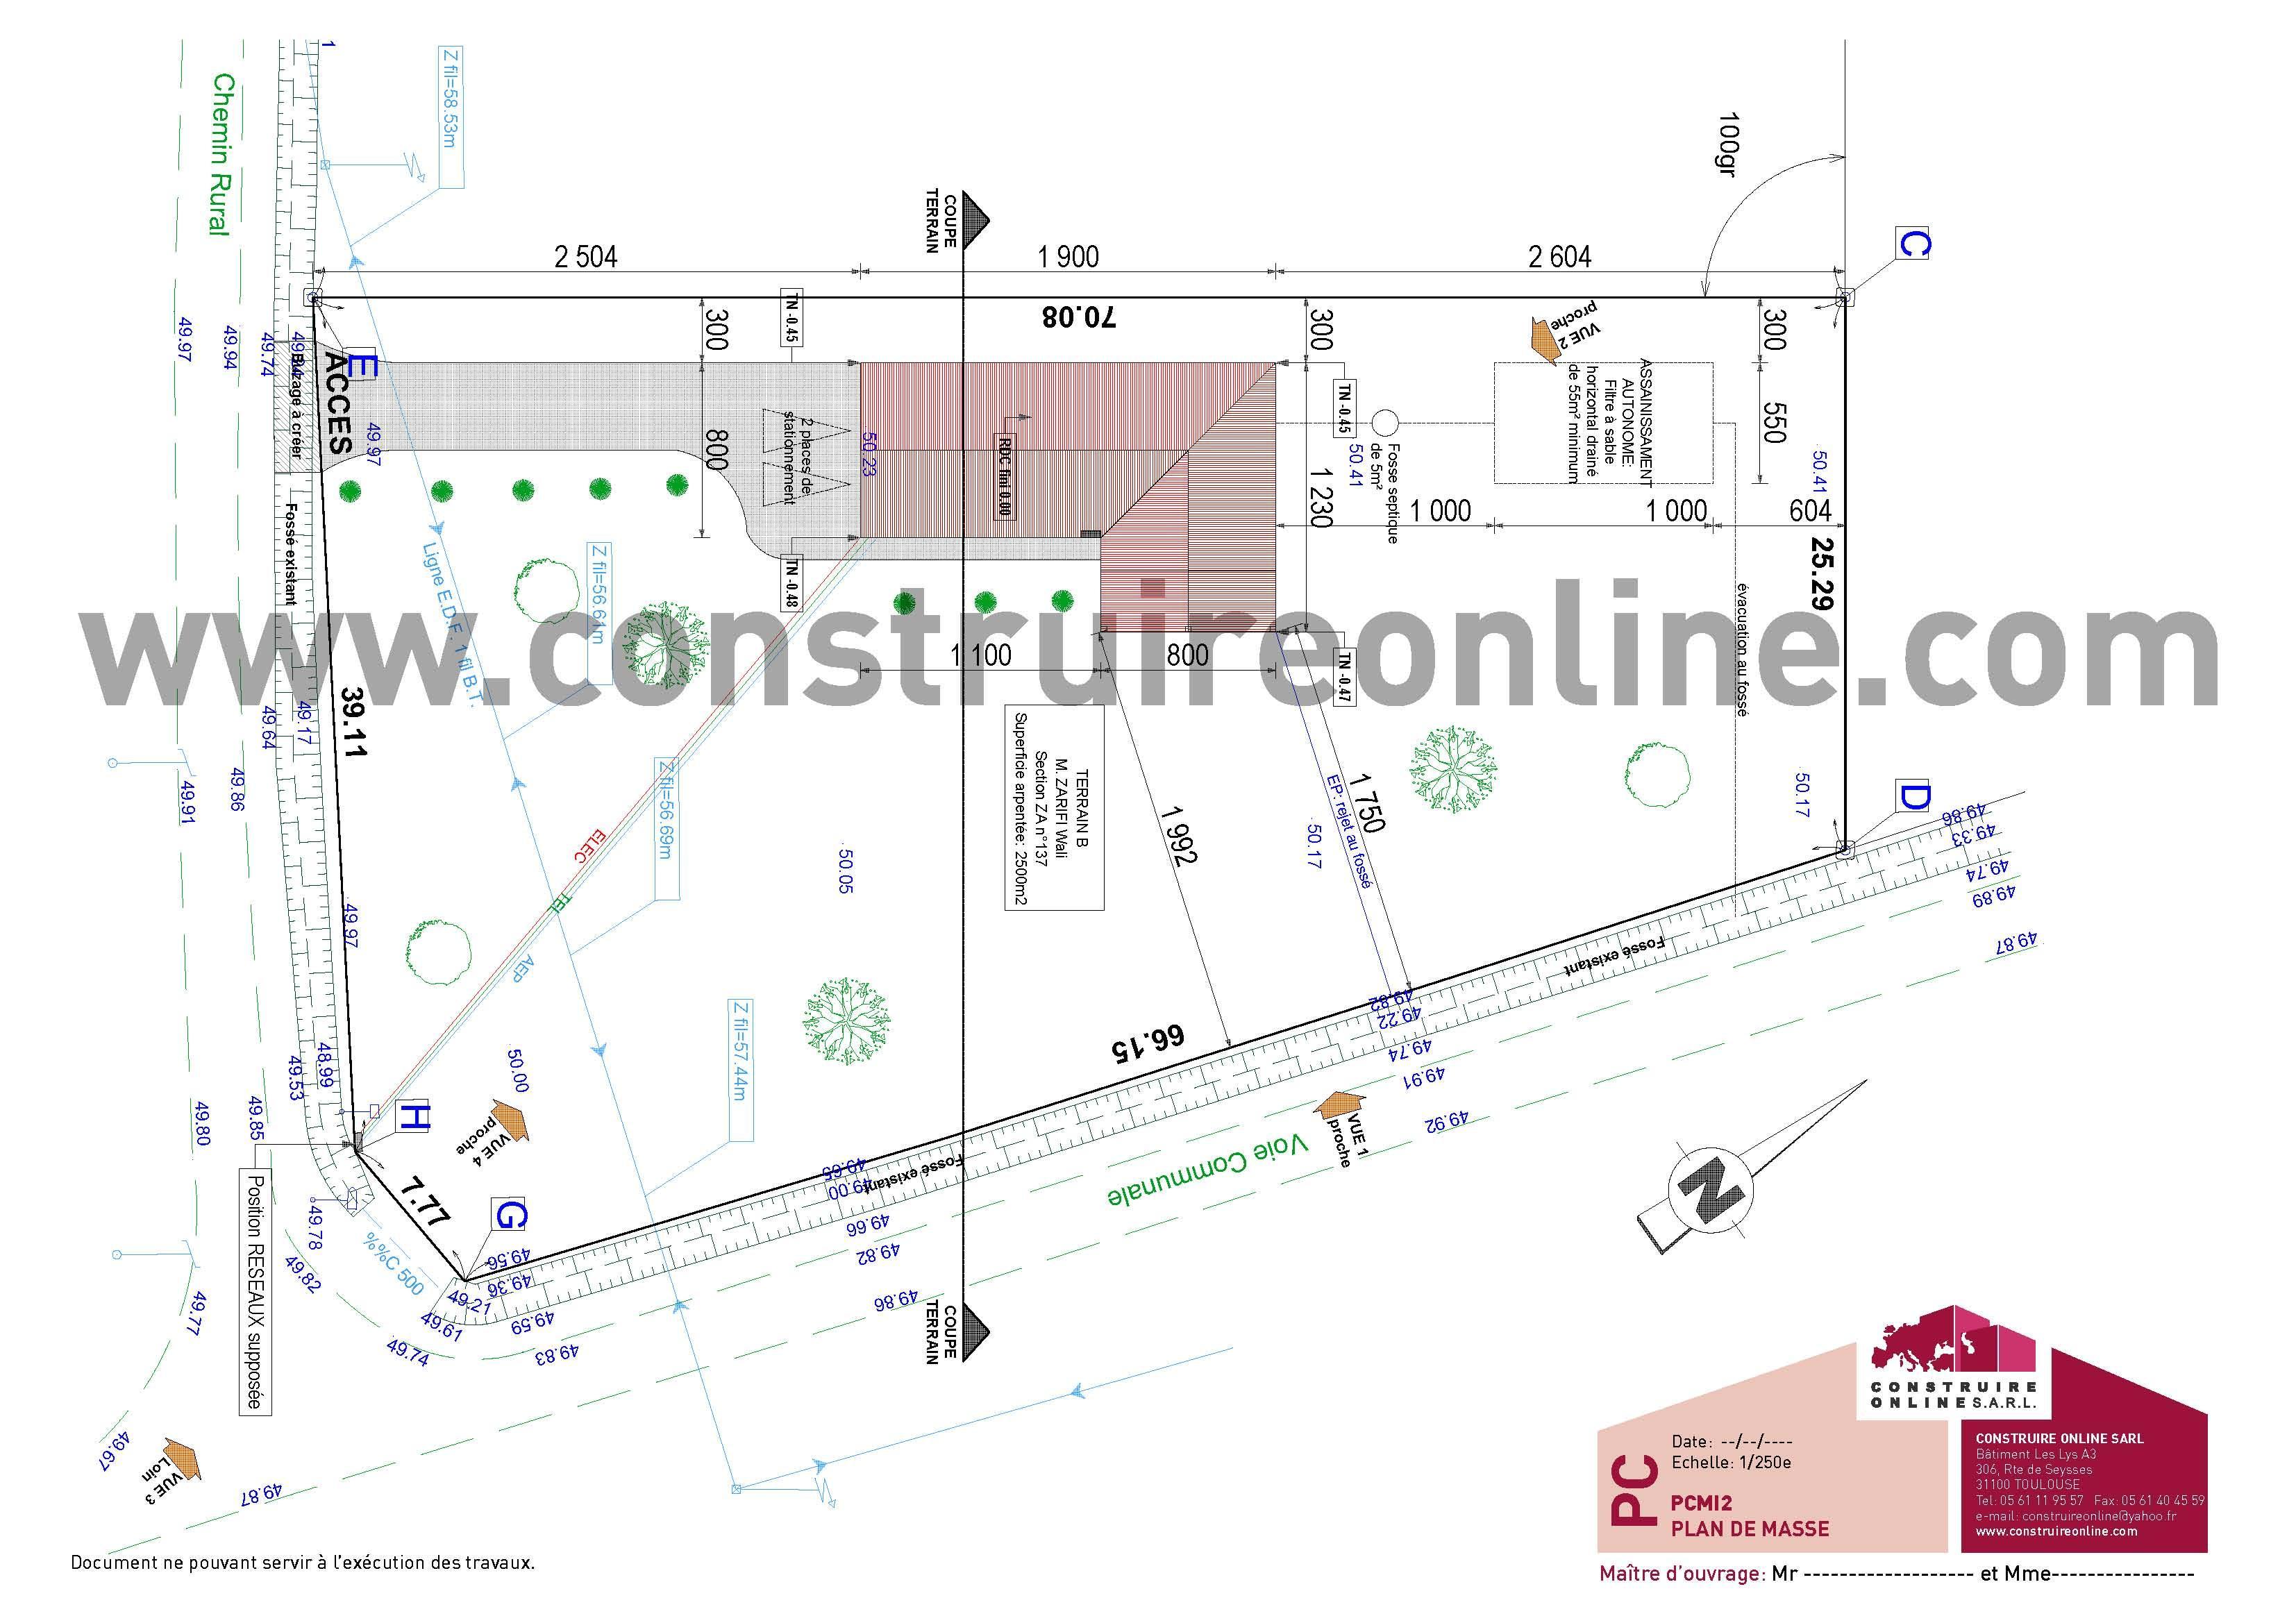 Plan de masse permis de construire maison individuelle - Plan de masse maison individuelle ...